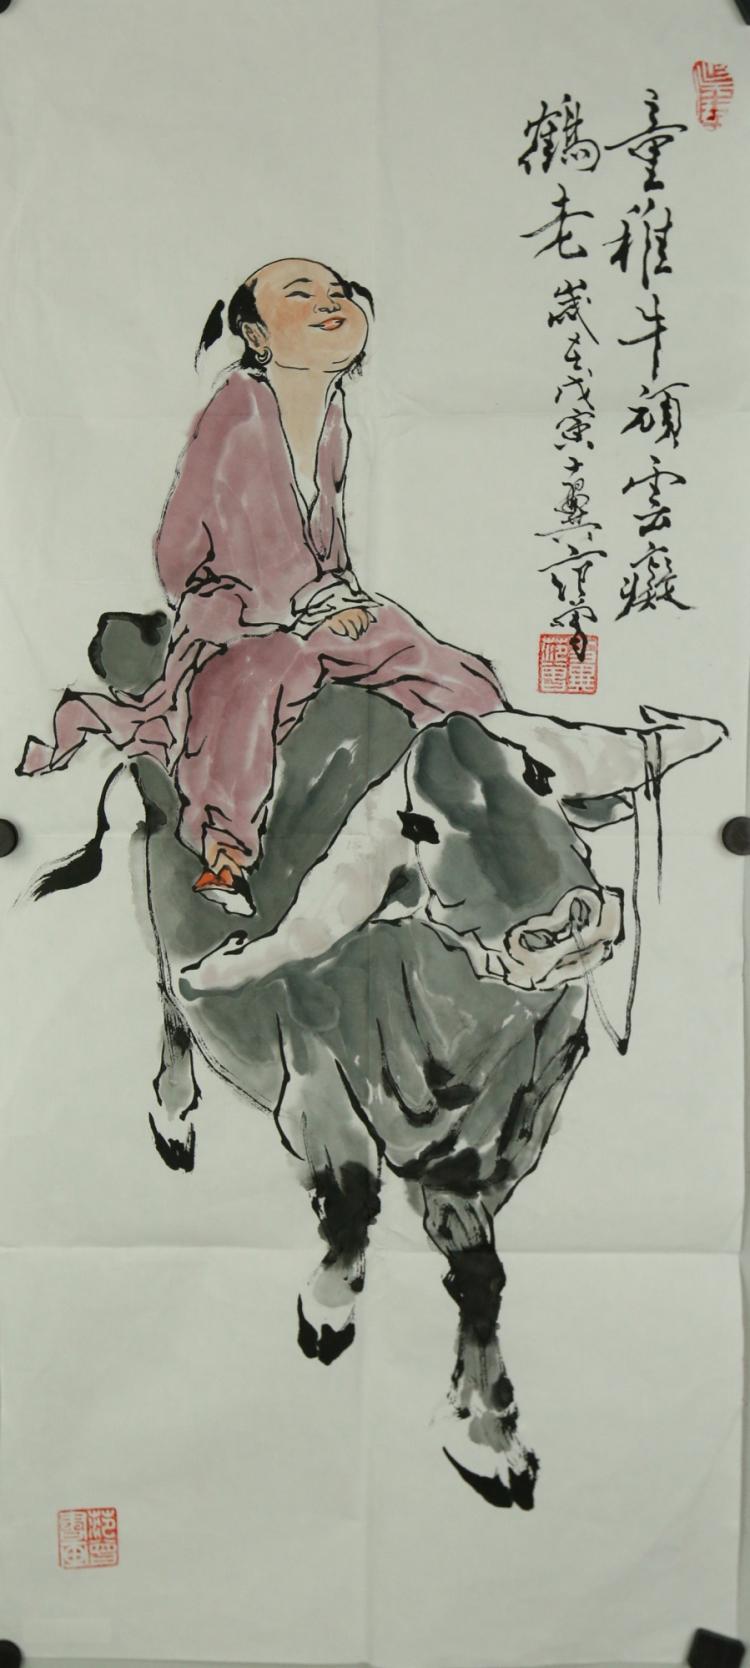 Fan Zeng b. 1938 Ink & Watercolour on Paper